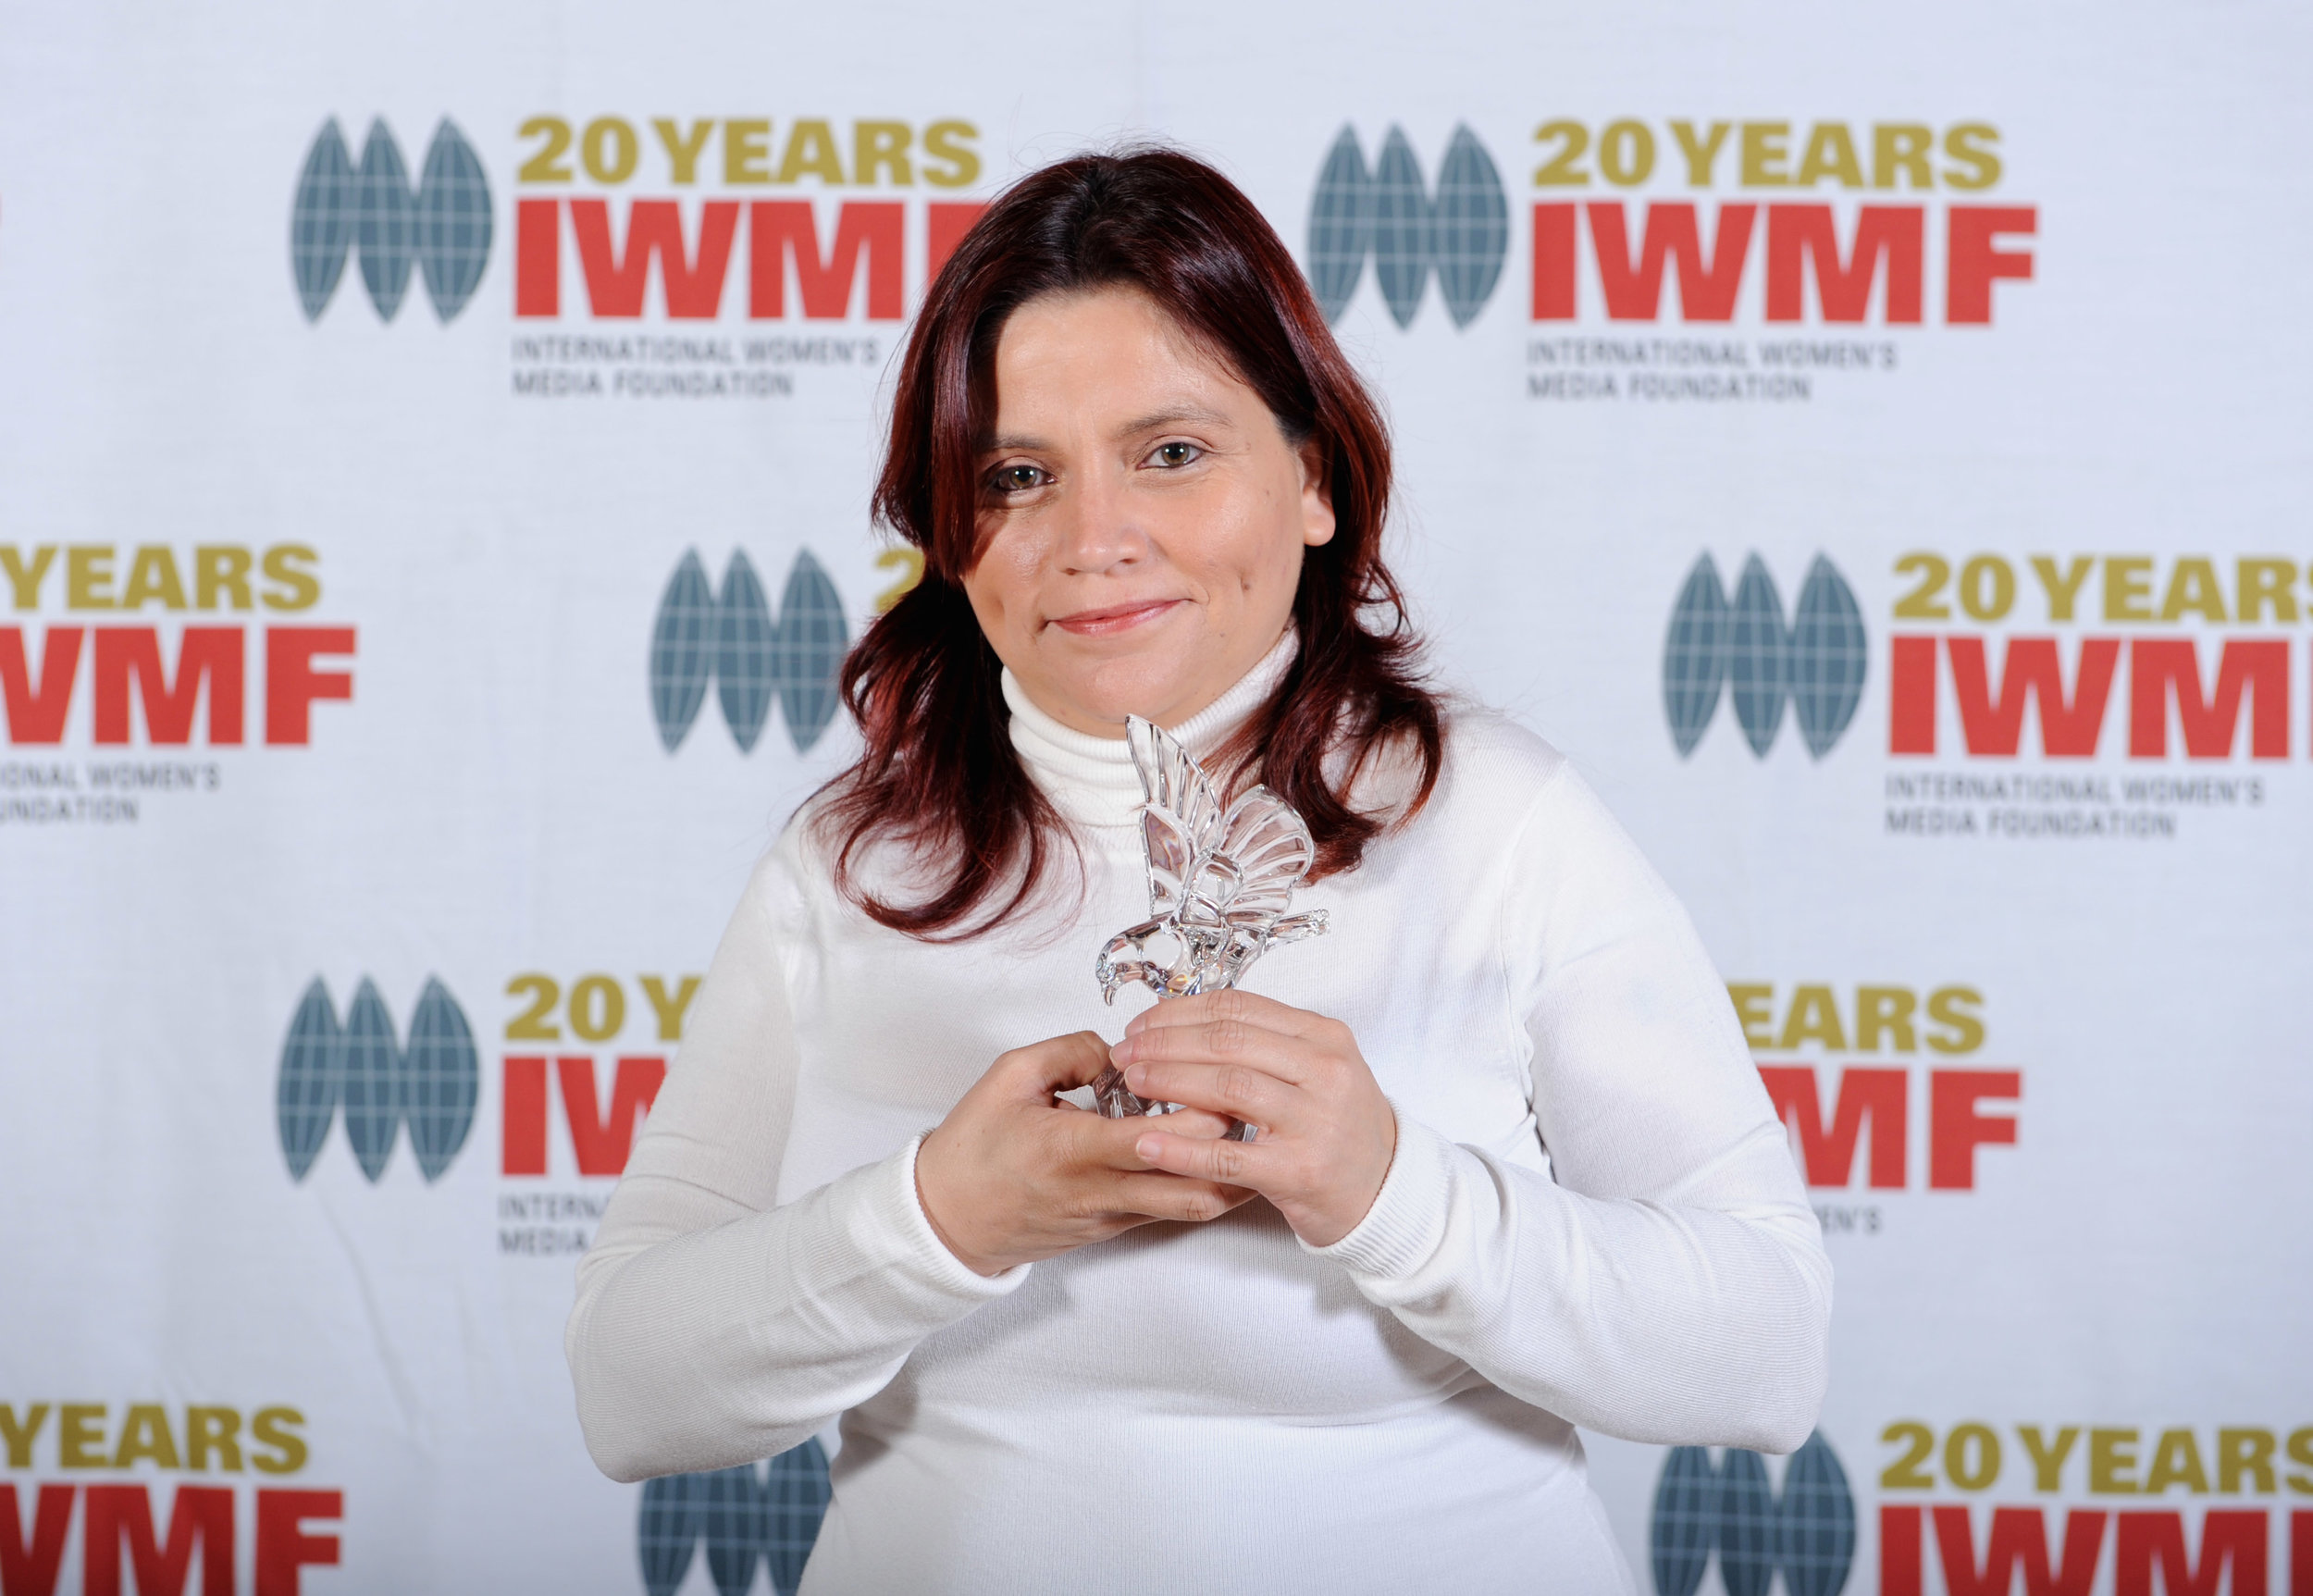 Claudia Duque (IWMF)